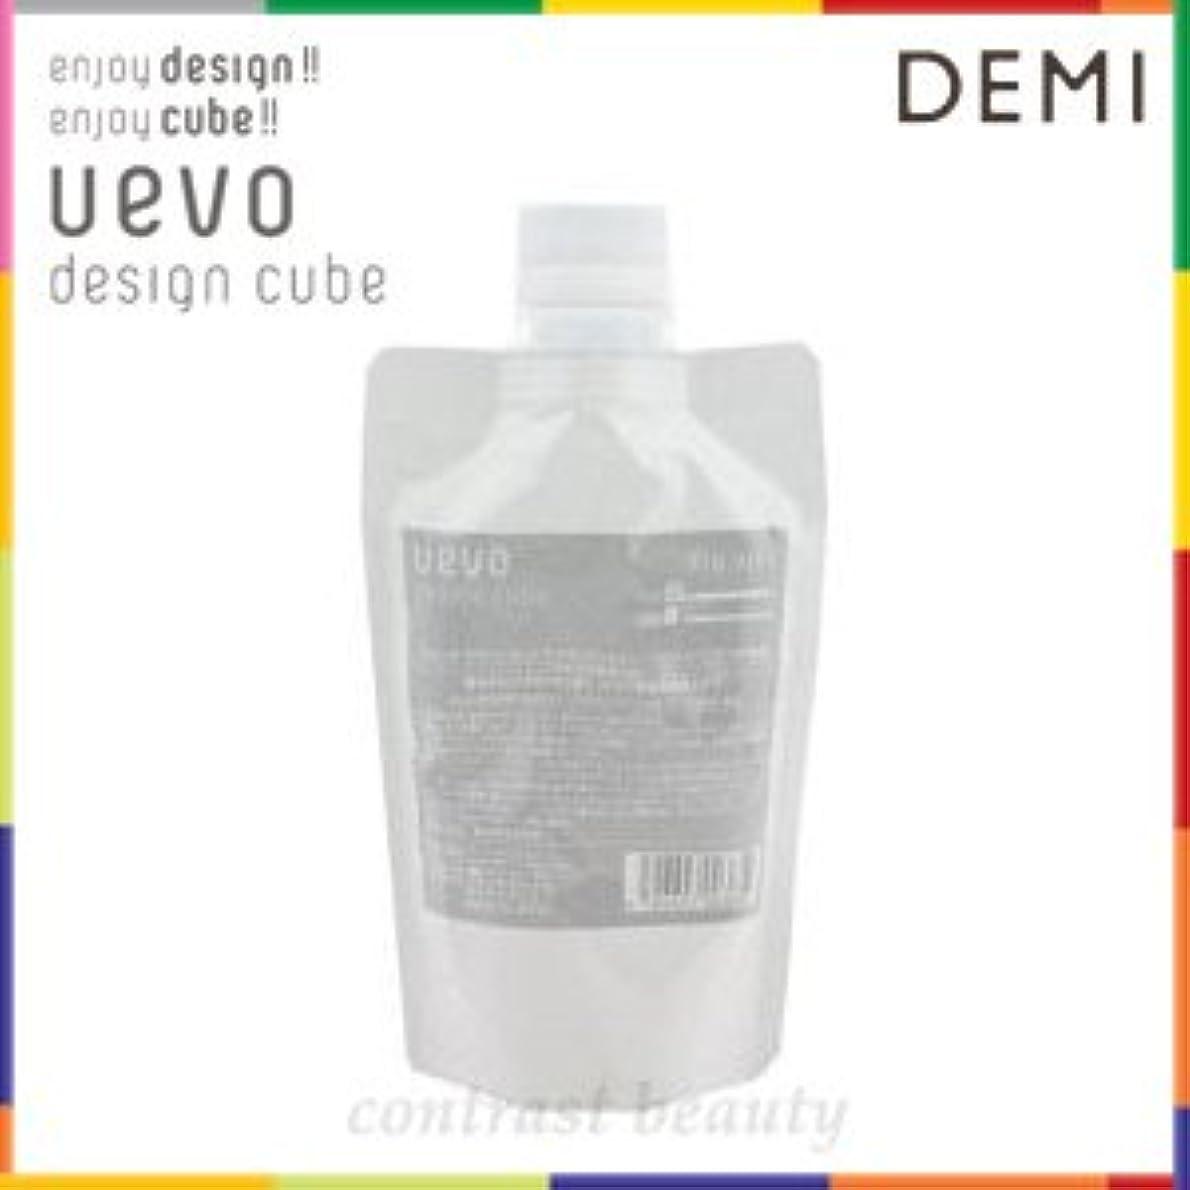 緊急乳剤海峡【X2個セット】 デミ ウェーボ デザインキューブ ドライワックス 200g 業務用 dry wax DEMI uevo design cube